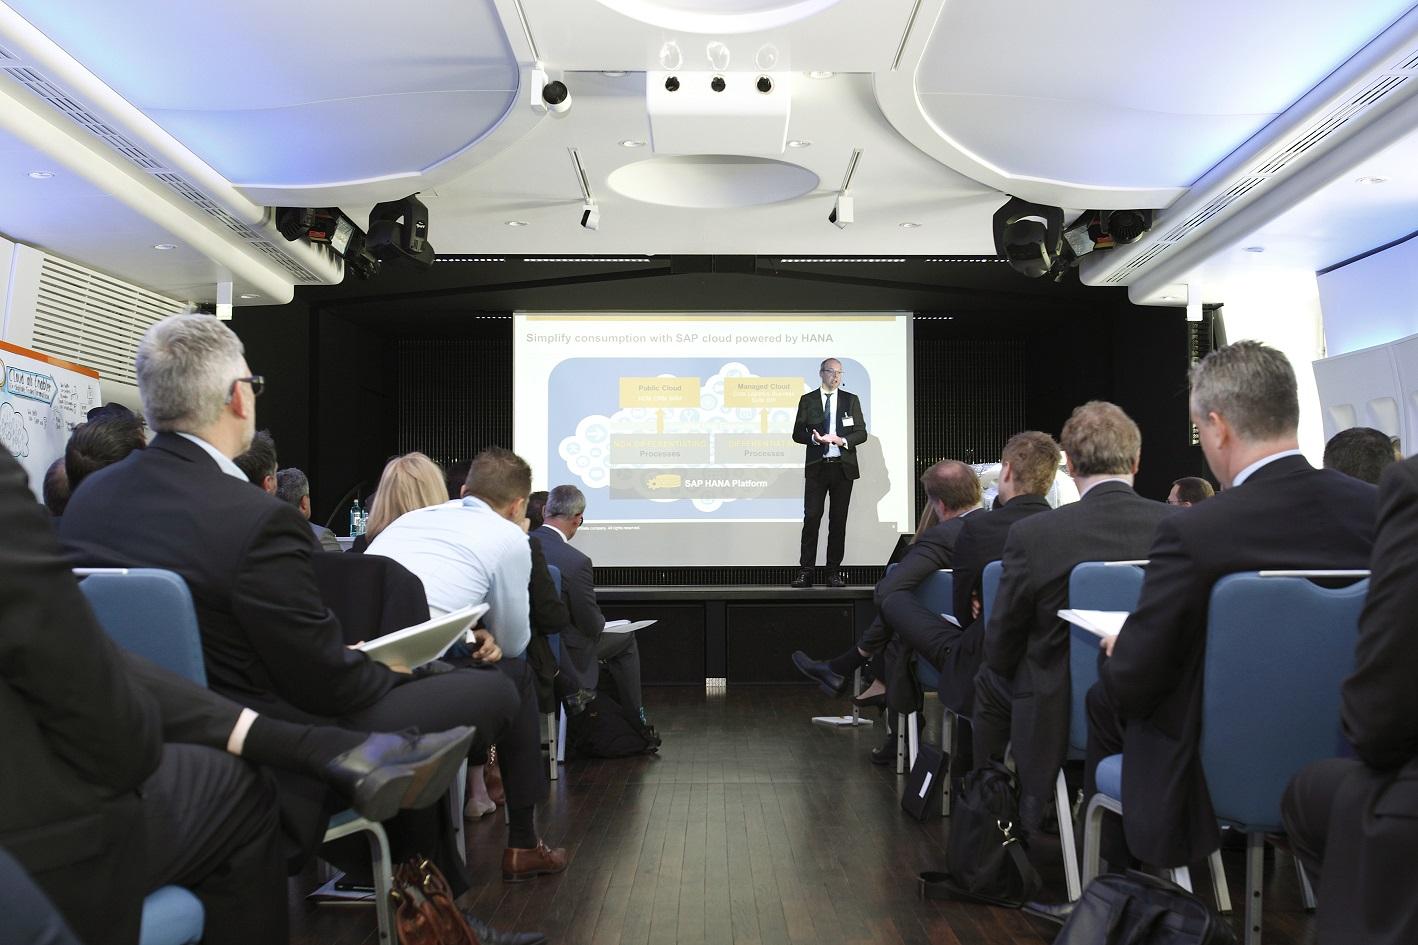 """Volles Haus beim SAP CIO Summit im """"Aircraft"""" in Dreieichenhain bei Frankfurt. Foto: Joachim Wendler"""